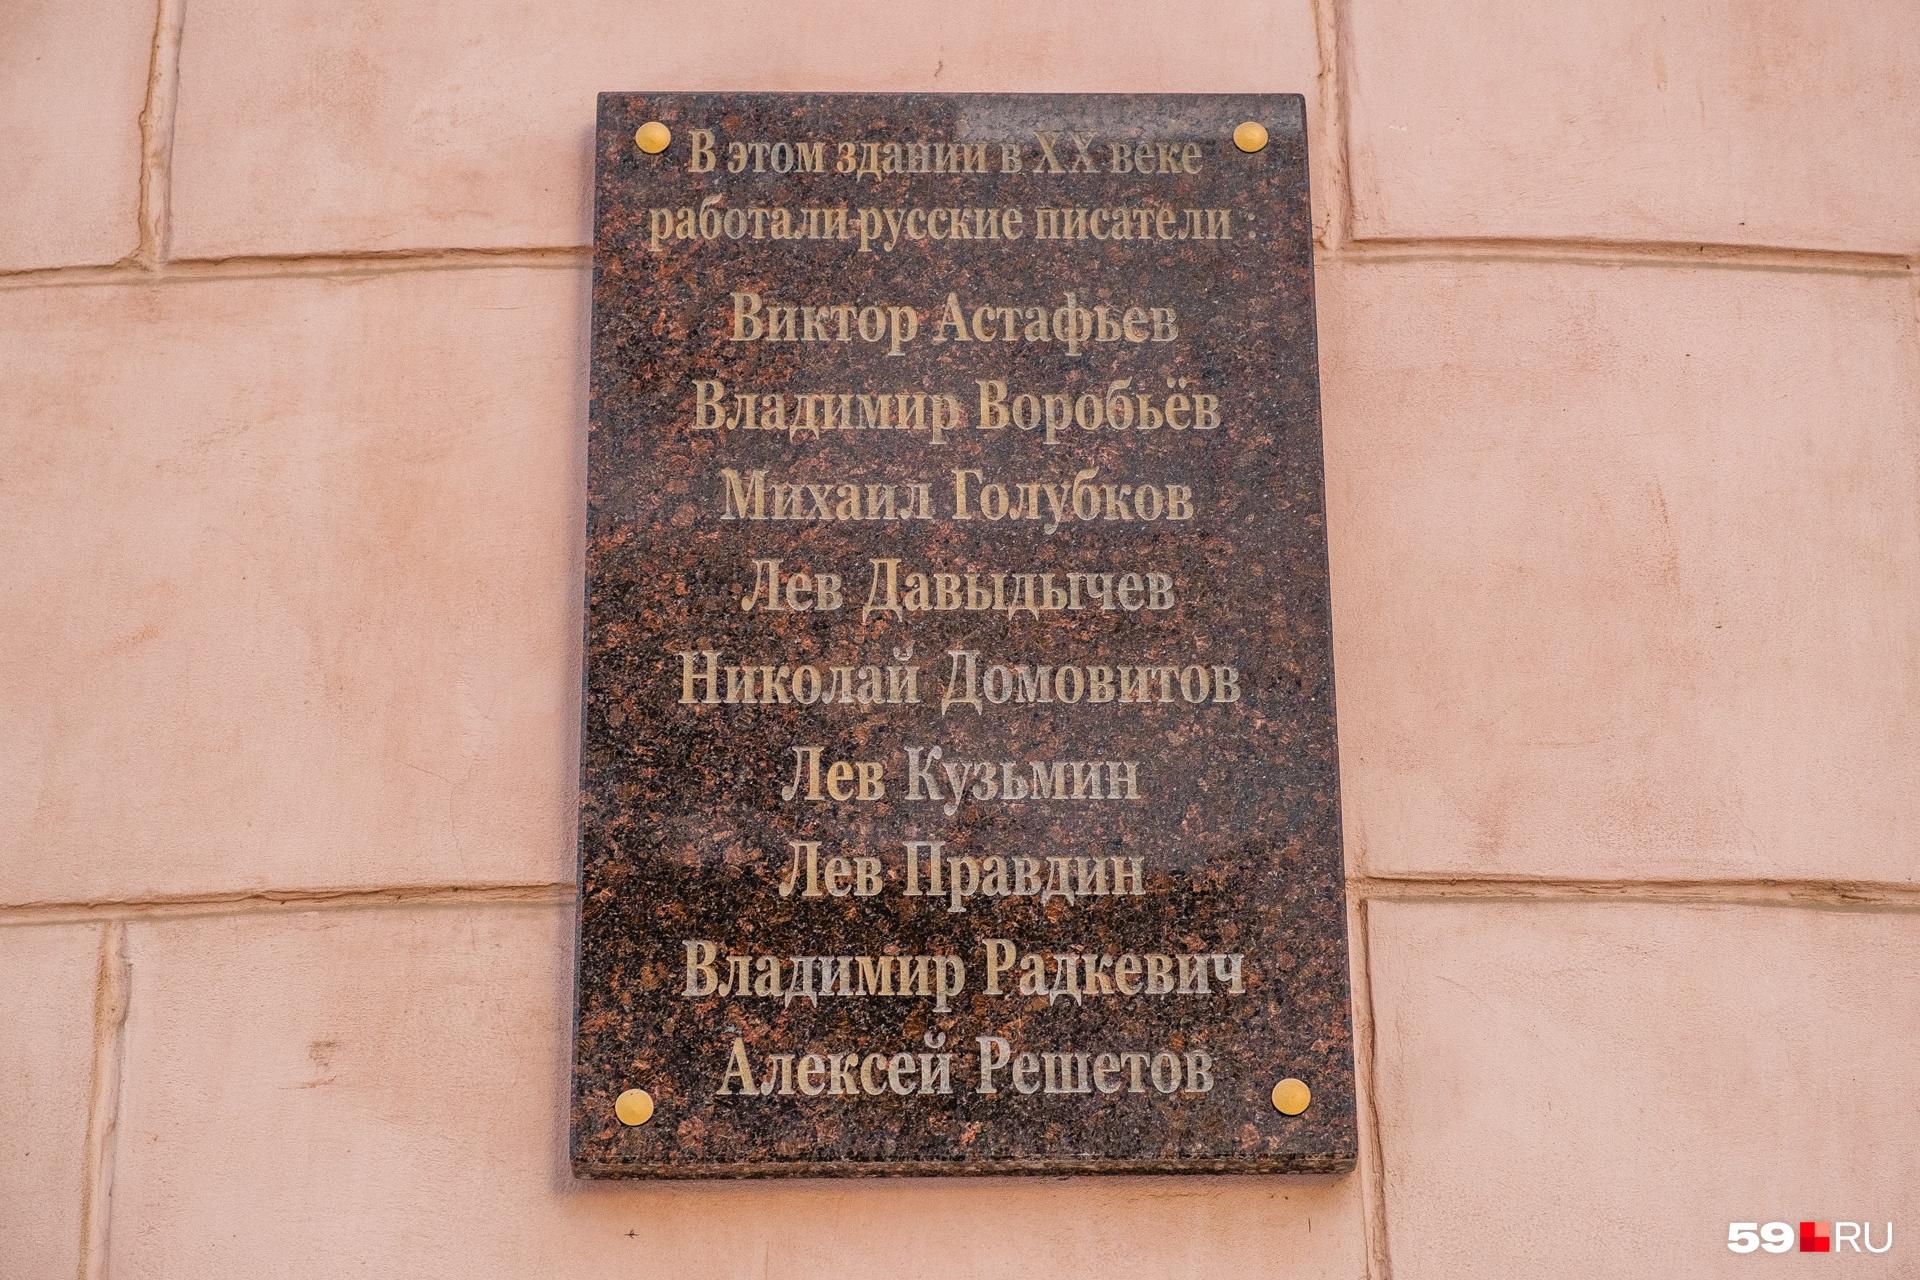 В издательстве работали многие известные писатели